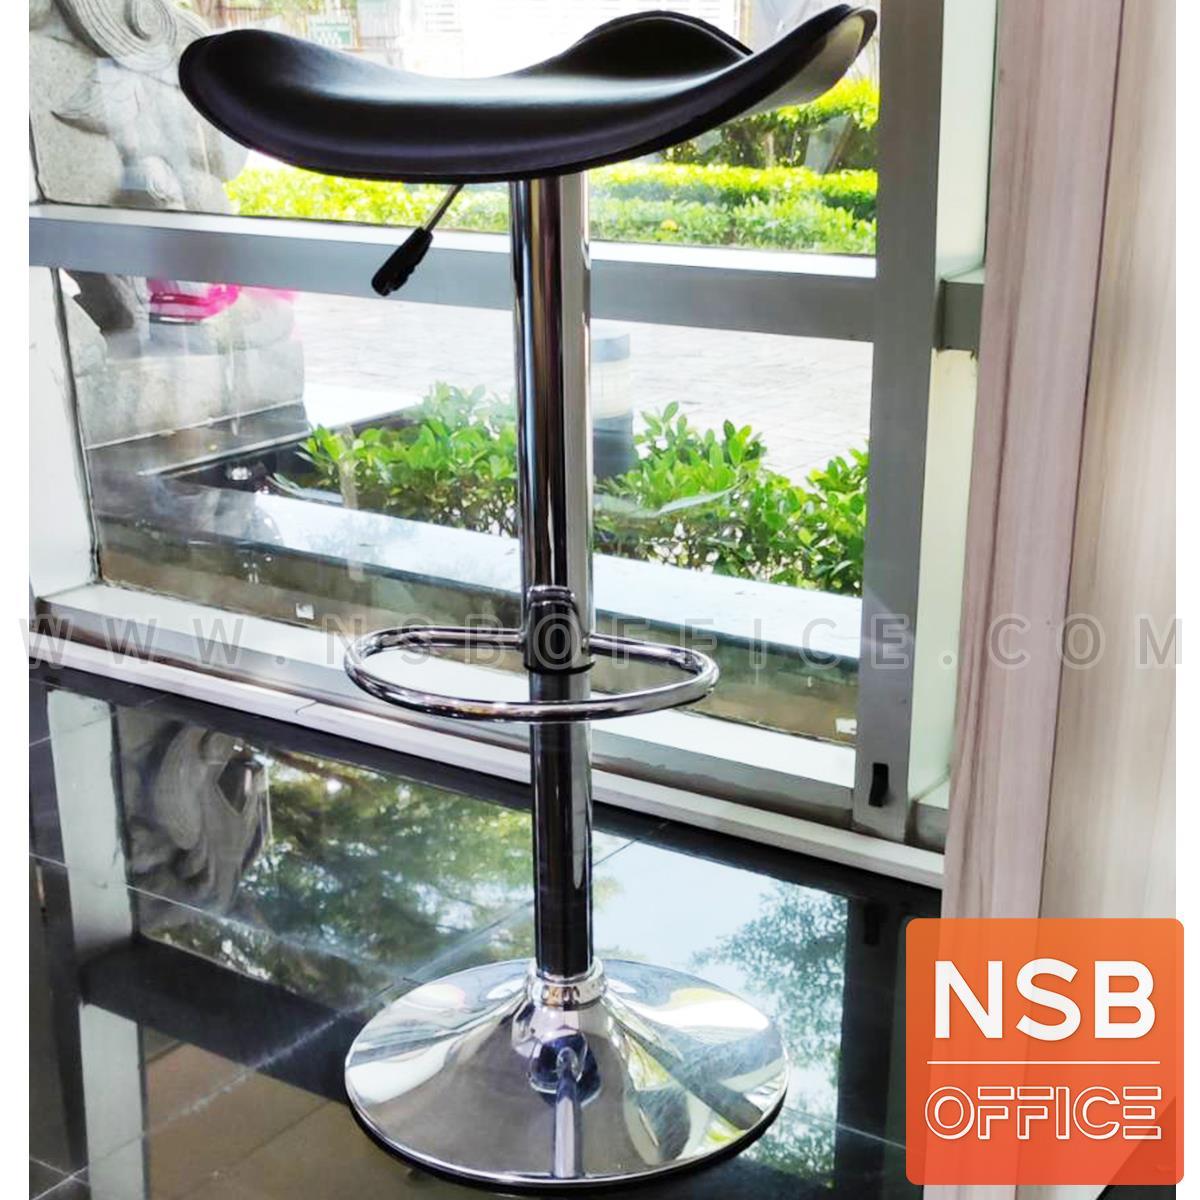 เก้าอี้บาร์สูงหนังเทียม รุ่น BH-741-SMART ขนาด 46W cm. โช๊คแก๊ส ขาโครเมี่ยมฐานจานกลม